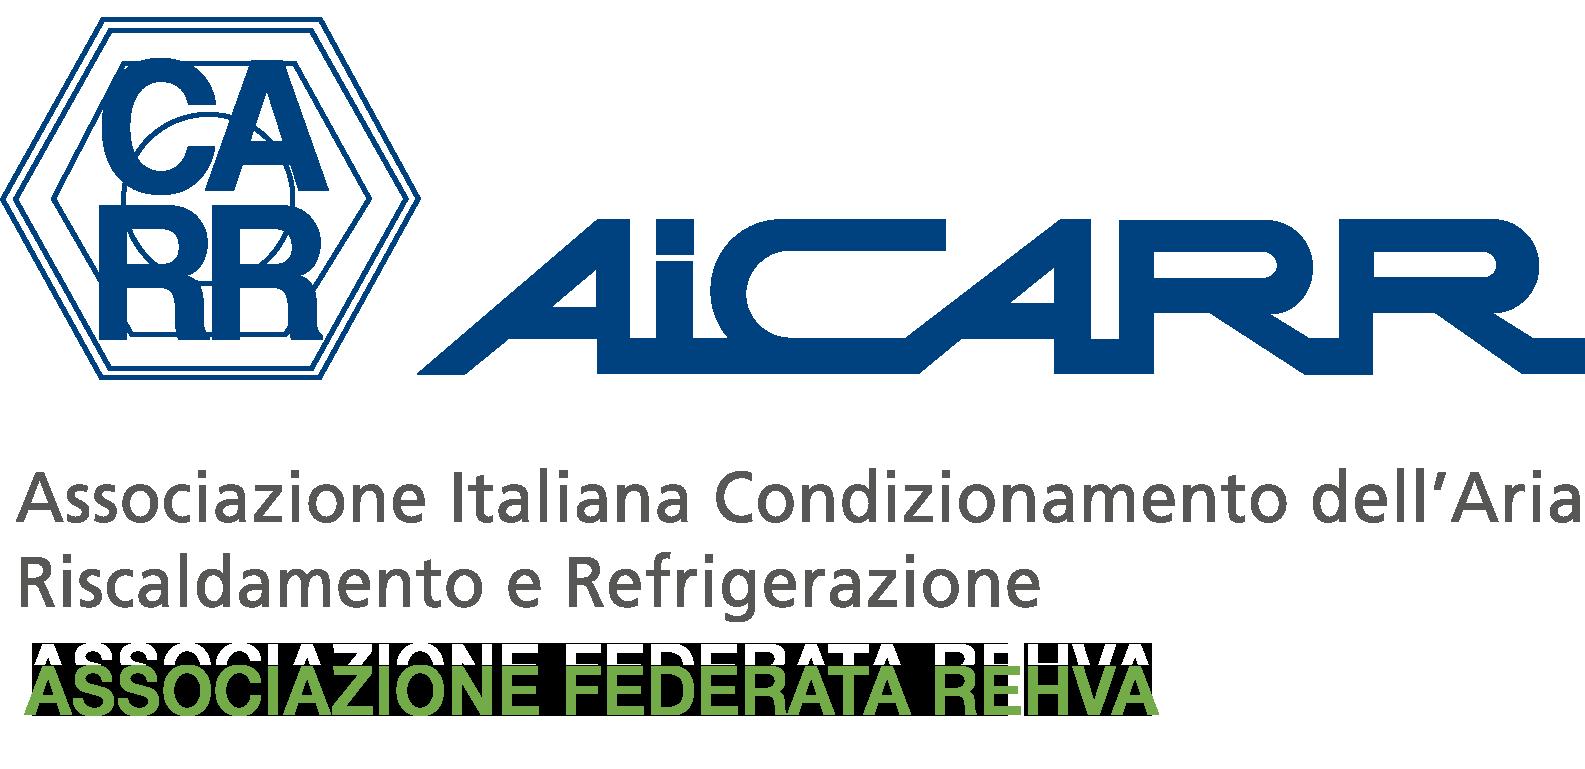 AICARR Associazione Italiana Condizionamento dell'Aria, Riscaldamento e Refrigerazione